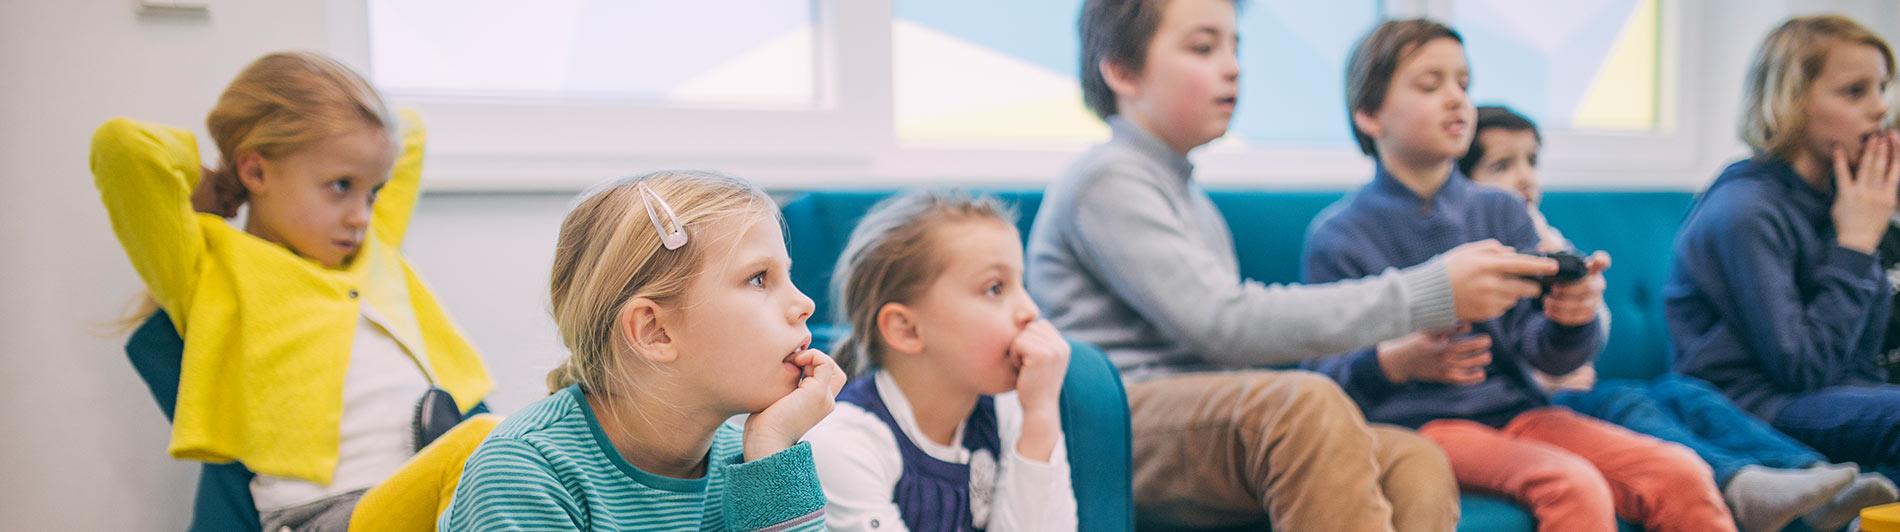 Zahnarzt Münster Kinder